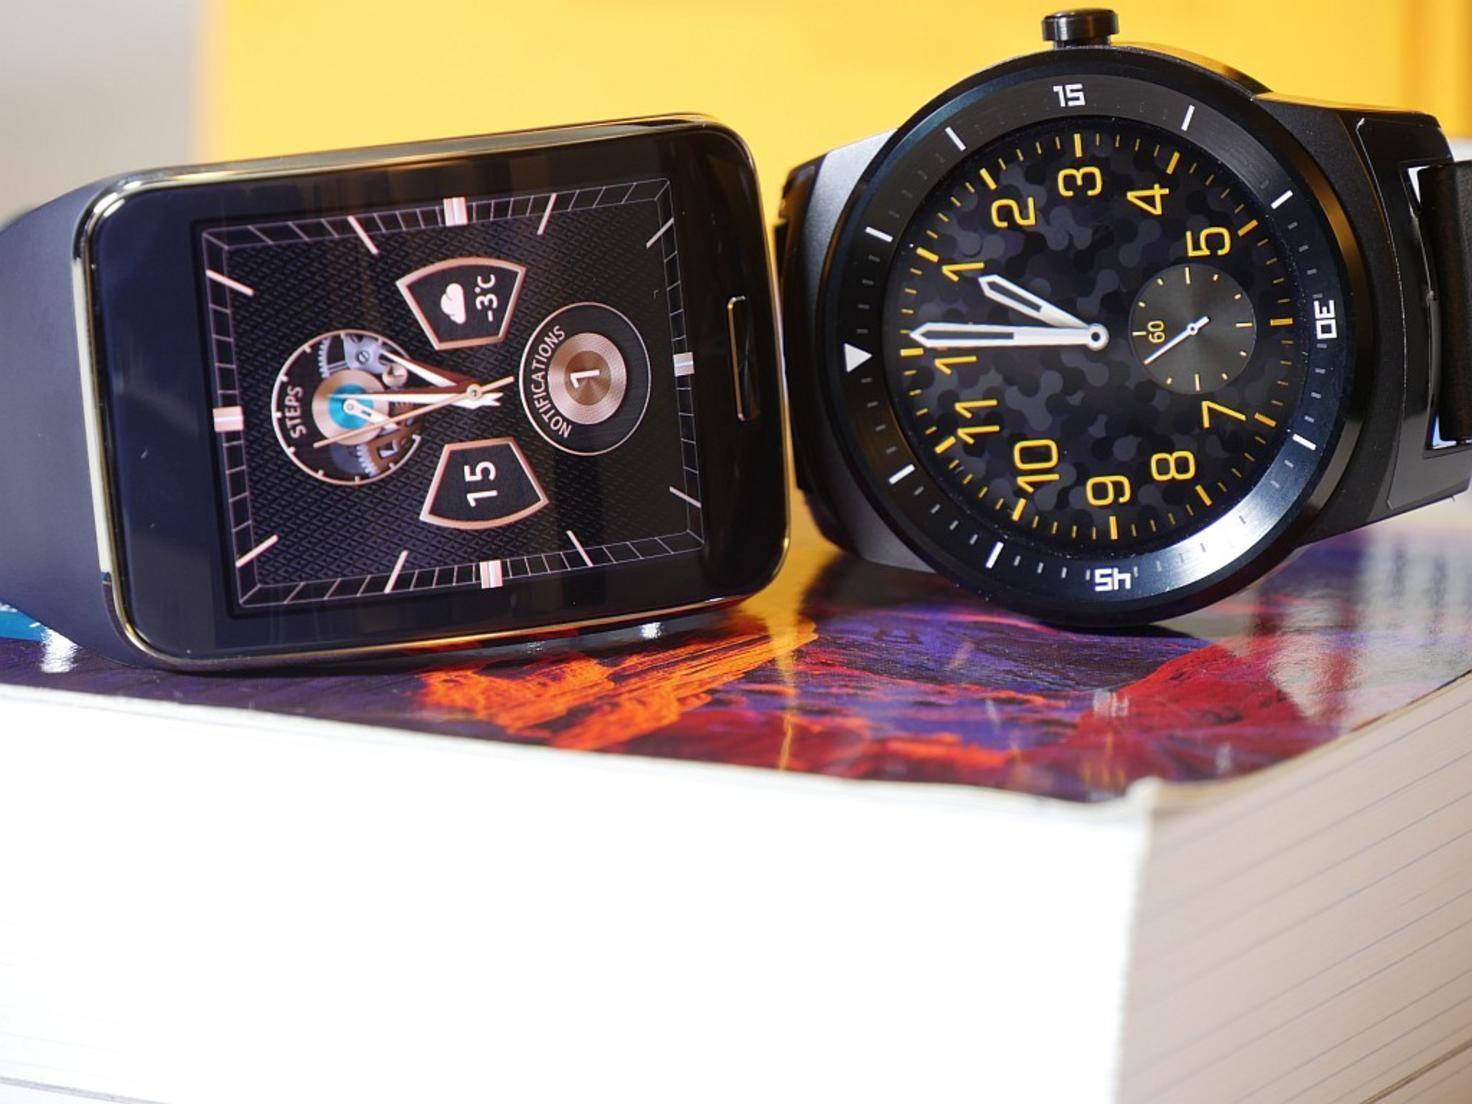 Optischer Vergleich: eckige Samsung Gear S und runde LG G Watch R.